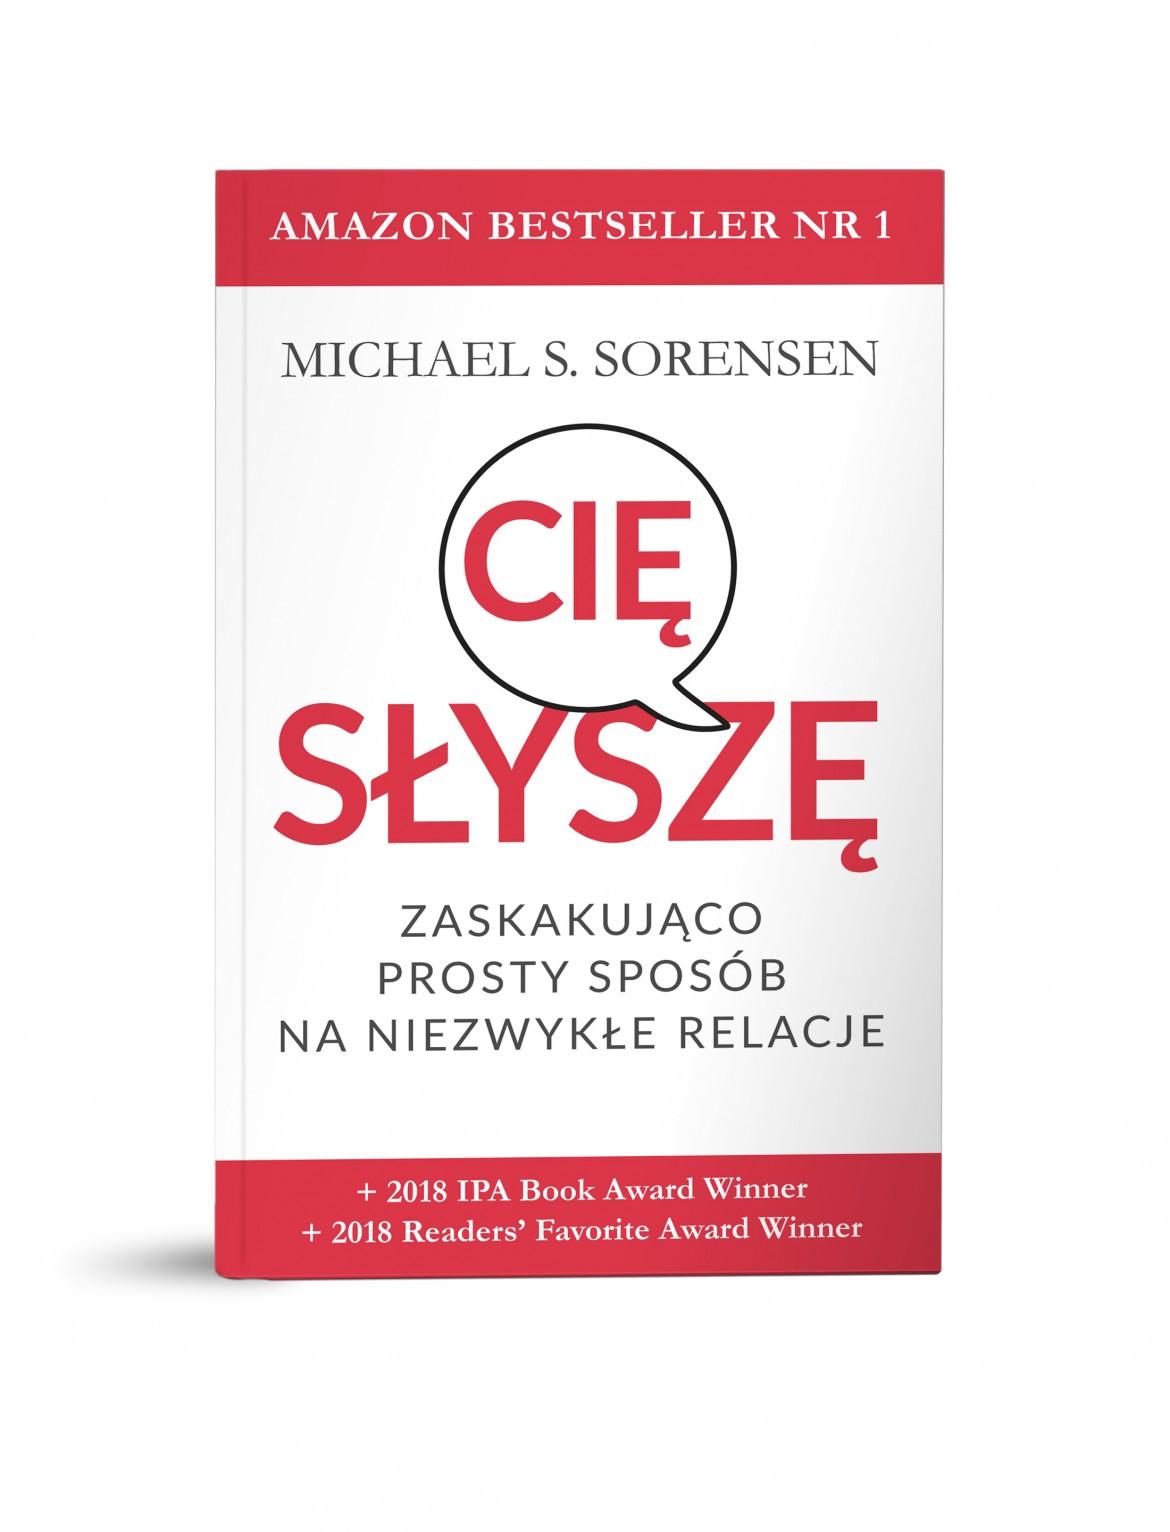 slysze_cie_iko3d_01_rgb.jpg